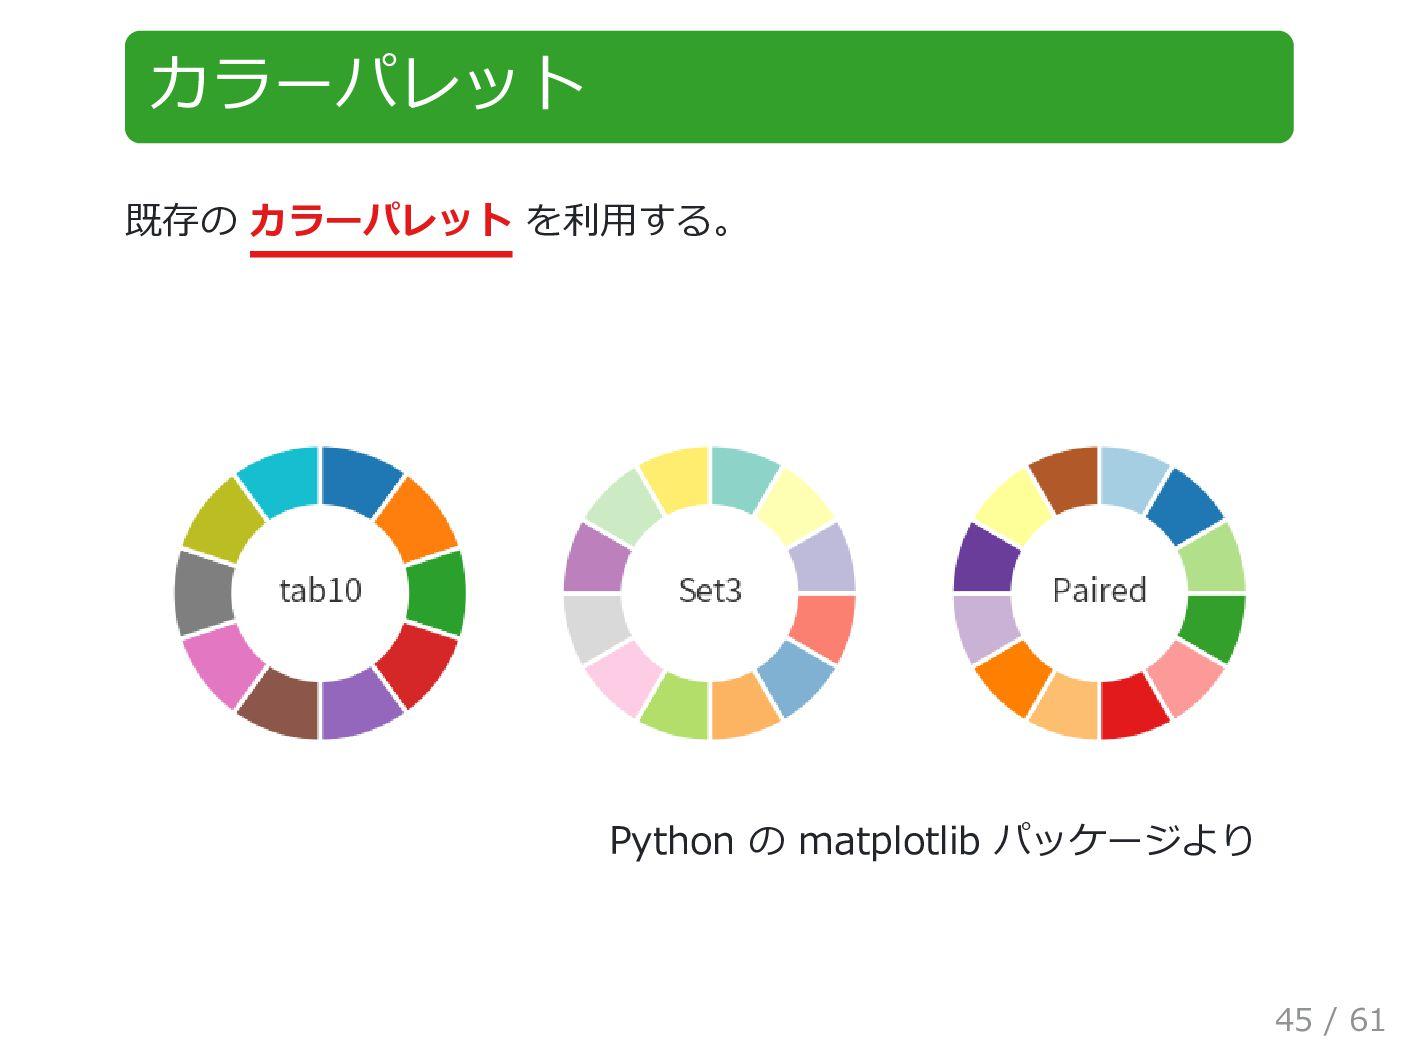 カラーパレット 既存の カラーパレット を利⽤する。 Python の matplotlib ...